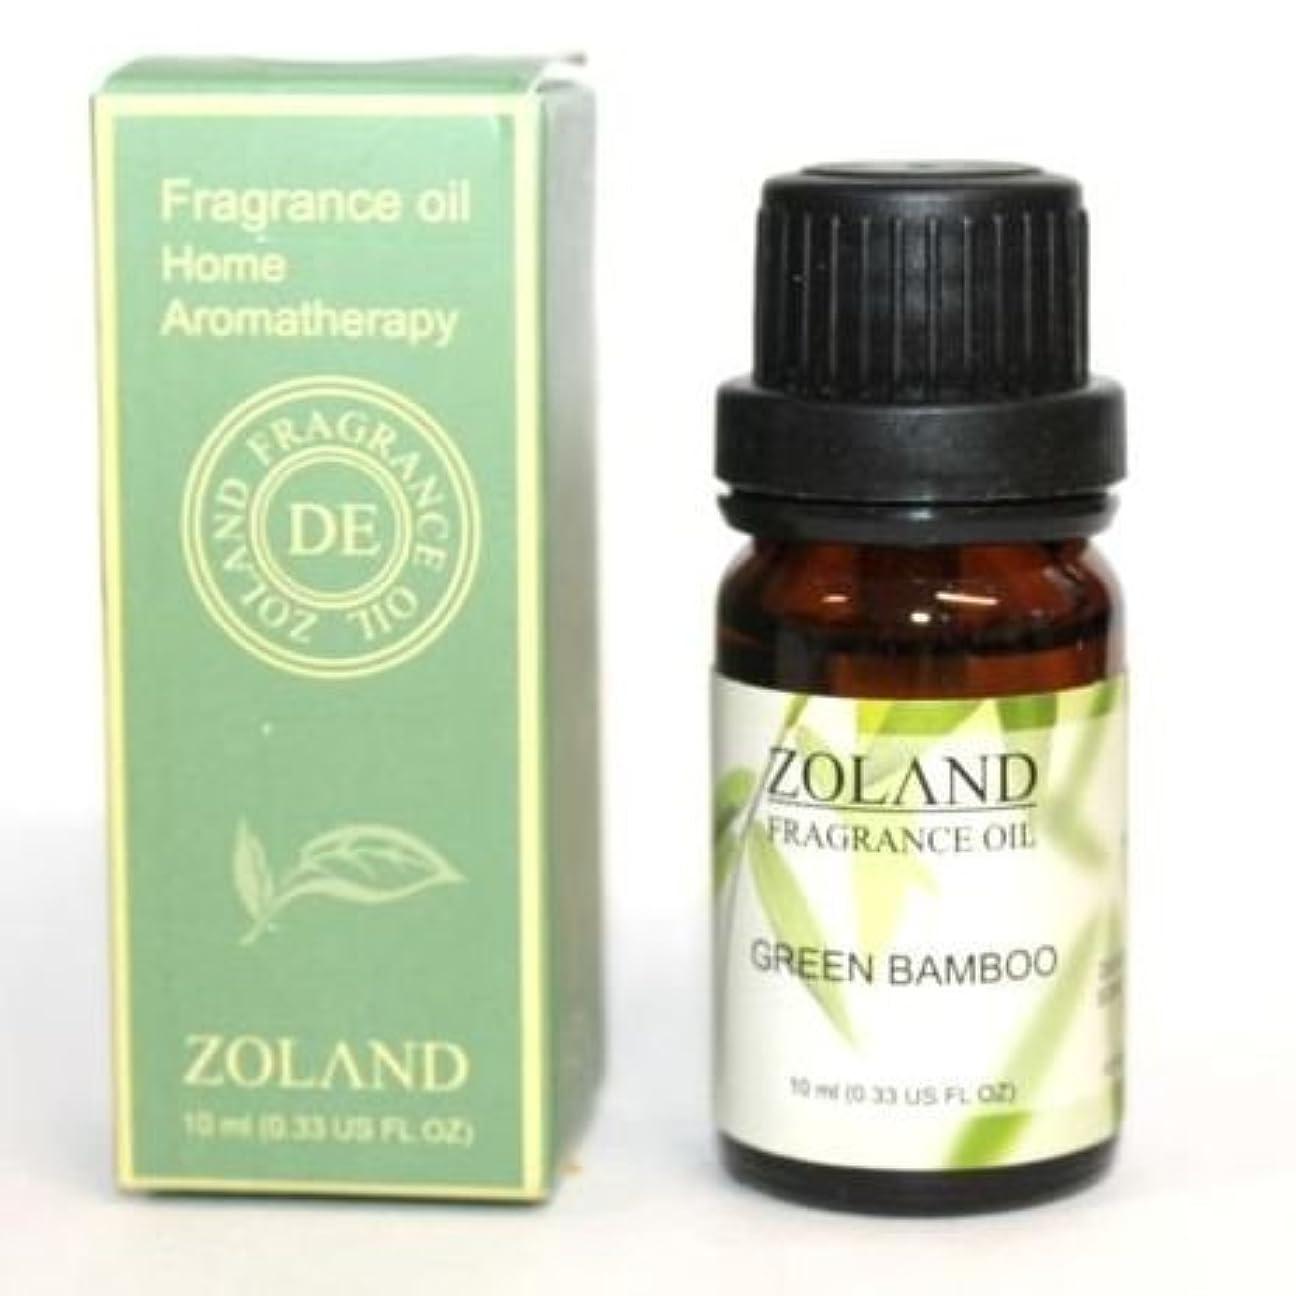 避けるユーザー地質学ZOLAND アロマオイル AROMA OIL フレグランスオイル GREEN BAMBOO 青竹の香り ZQ-4